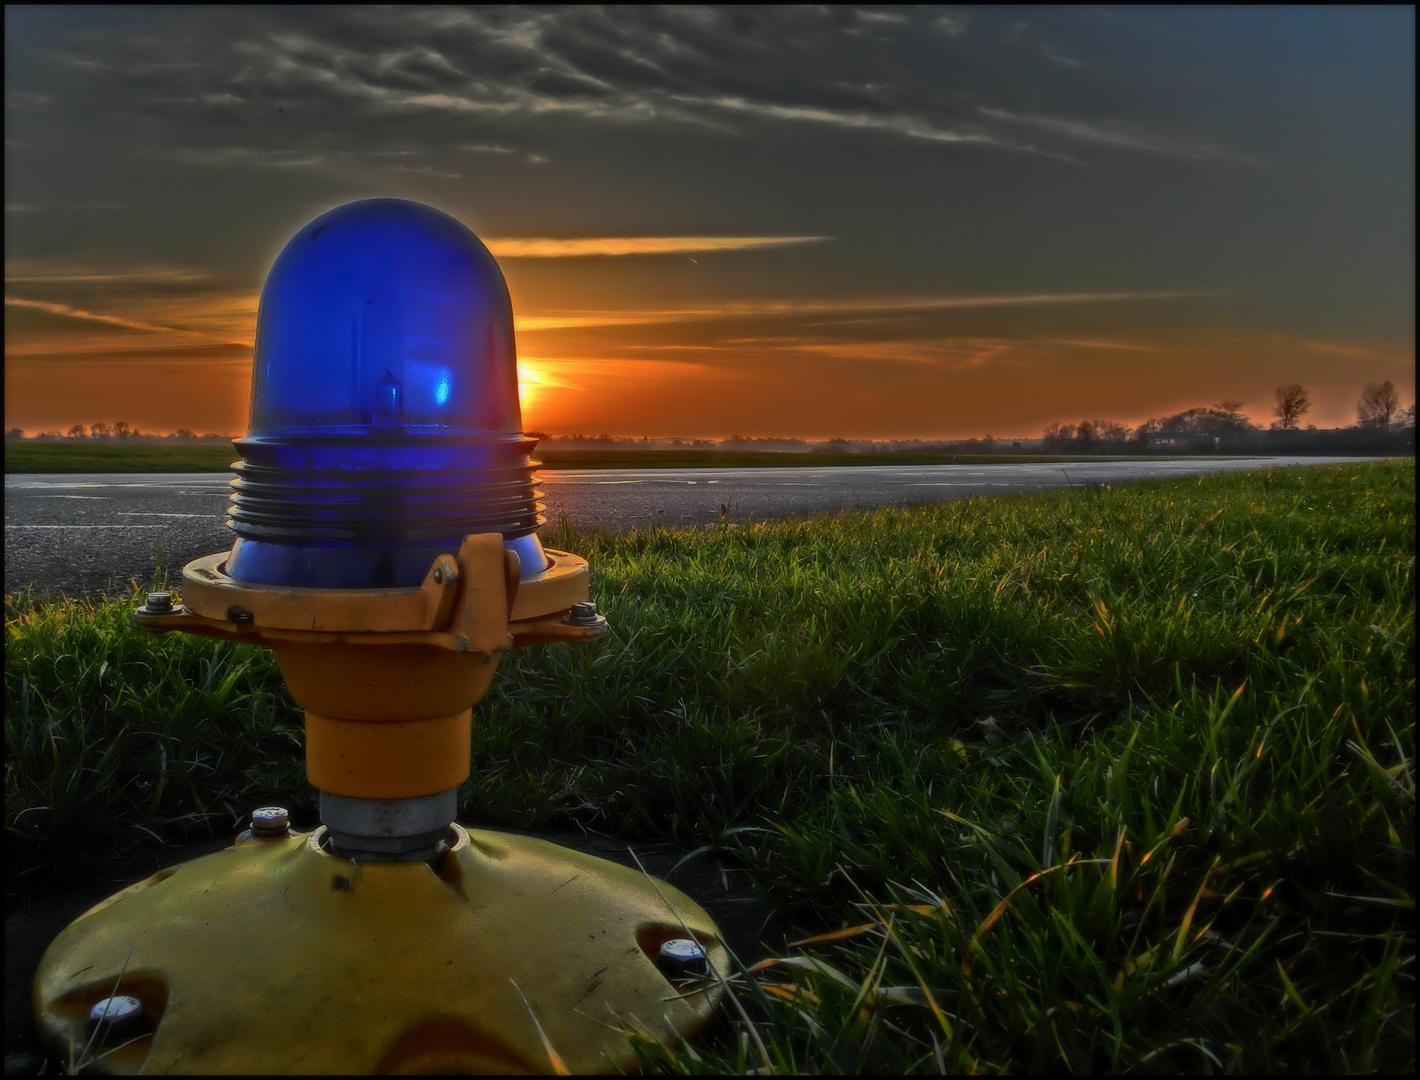 Zum NachtHimmel führen blaue Lichter!